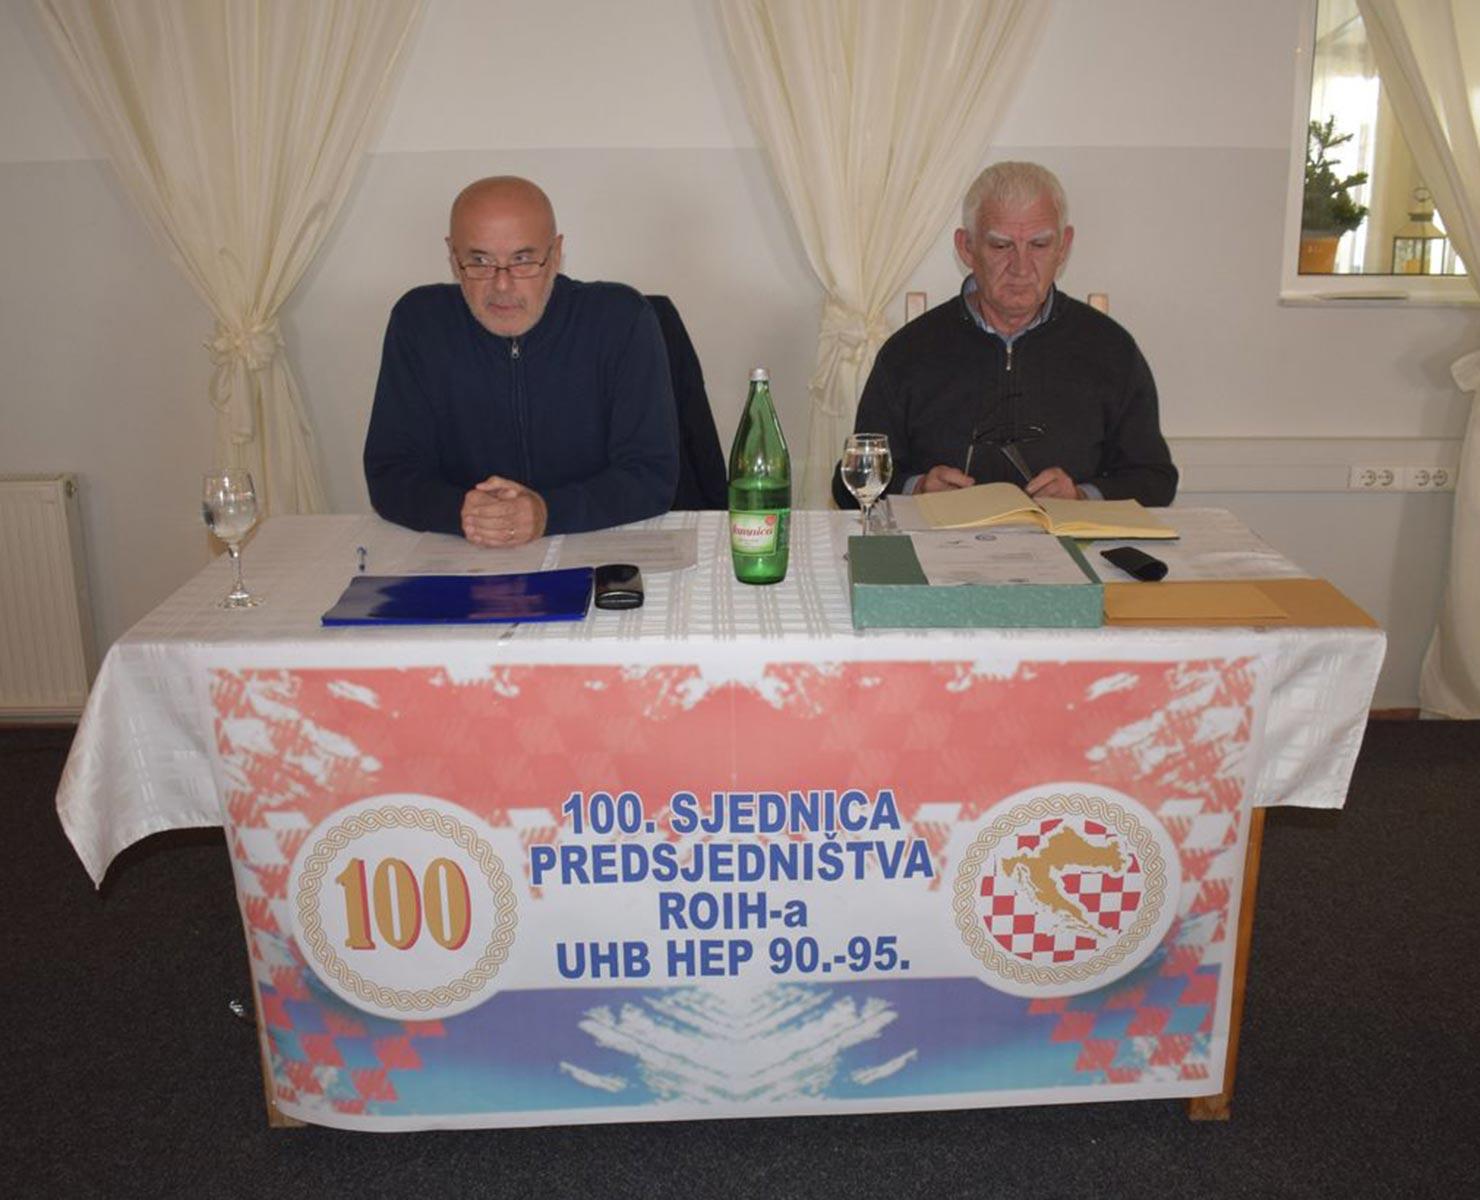 Jubilarna 100. sjednica Predsjedništva ROIH-a